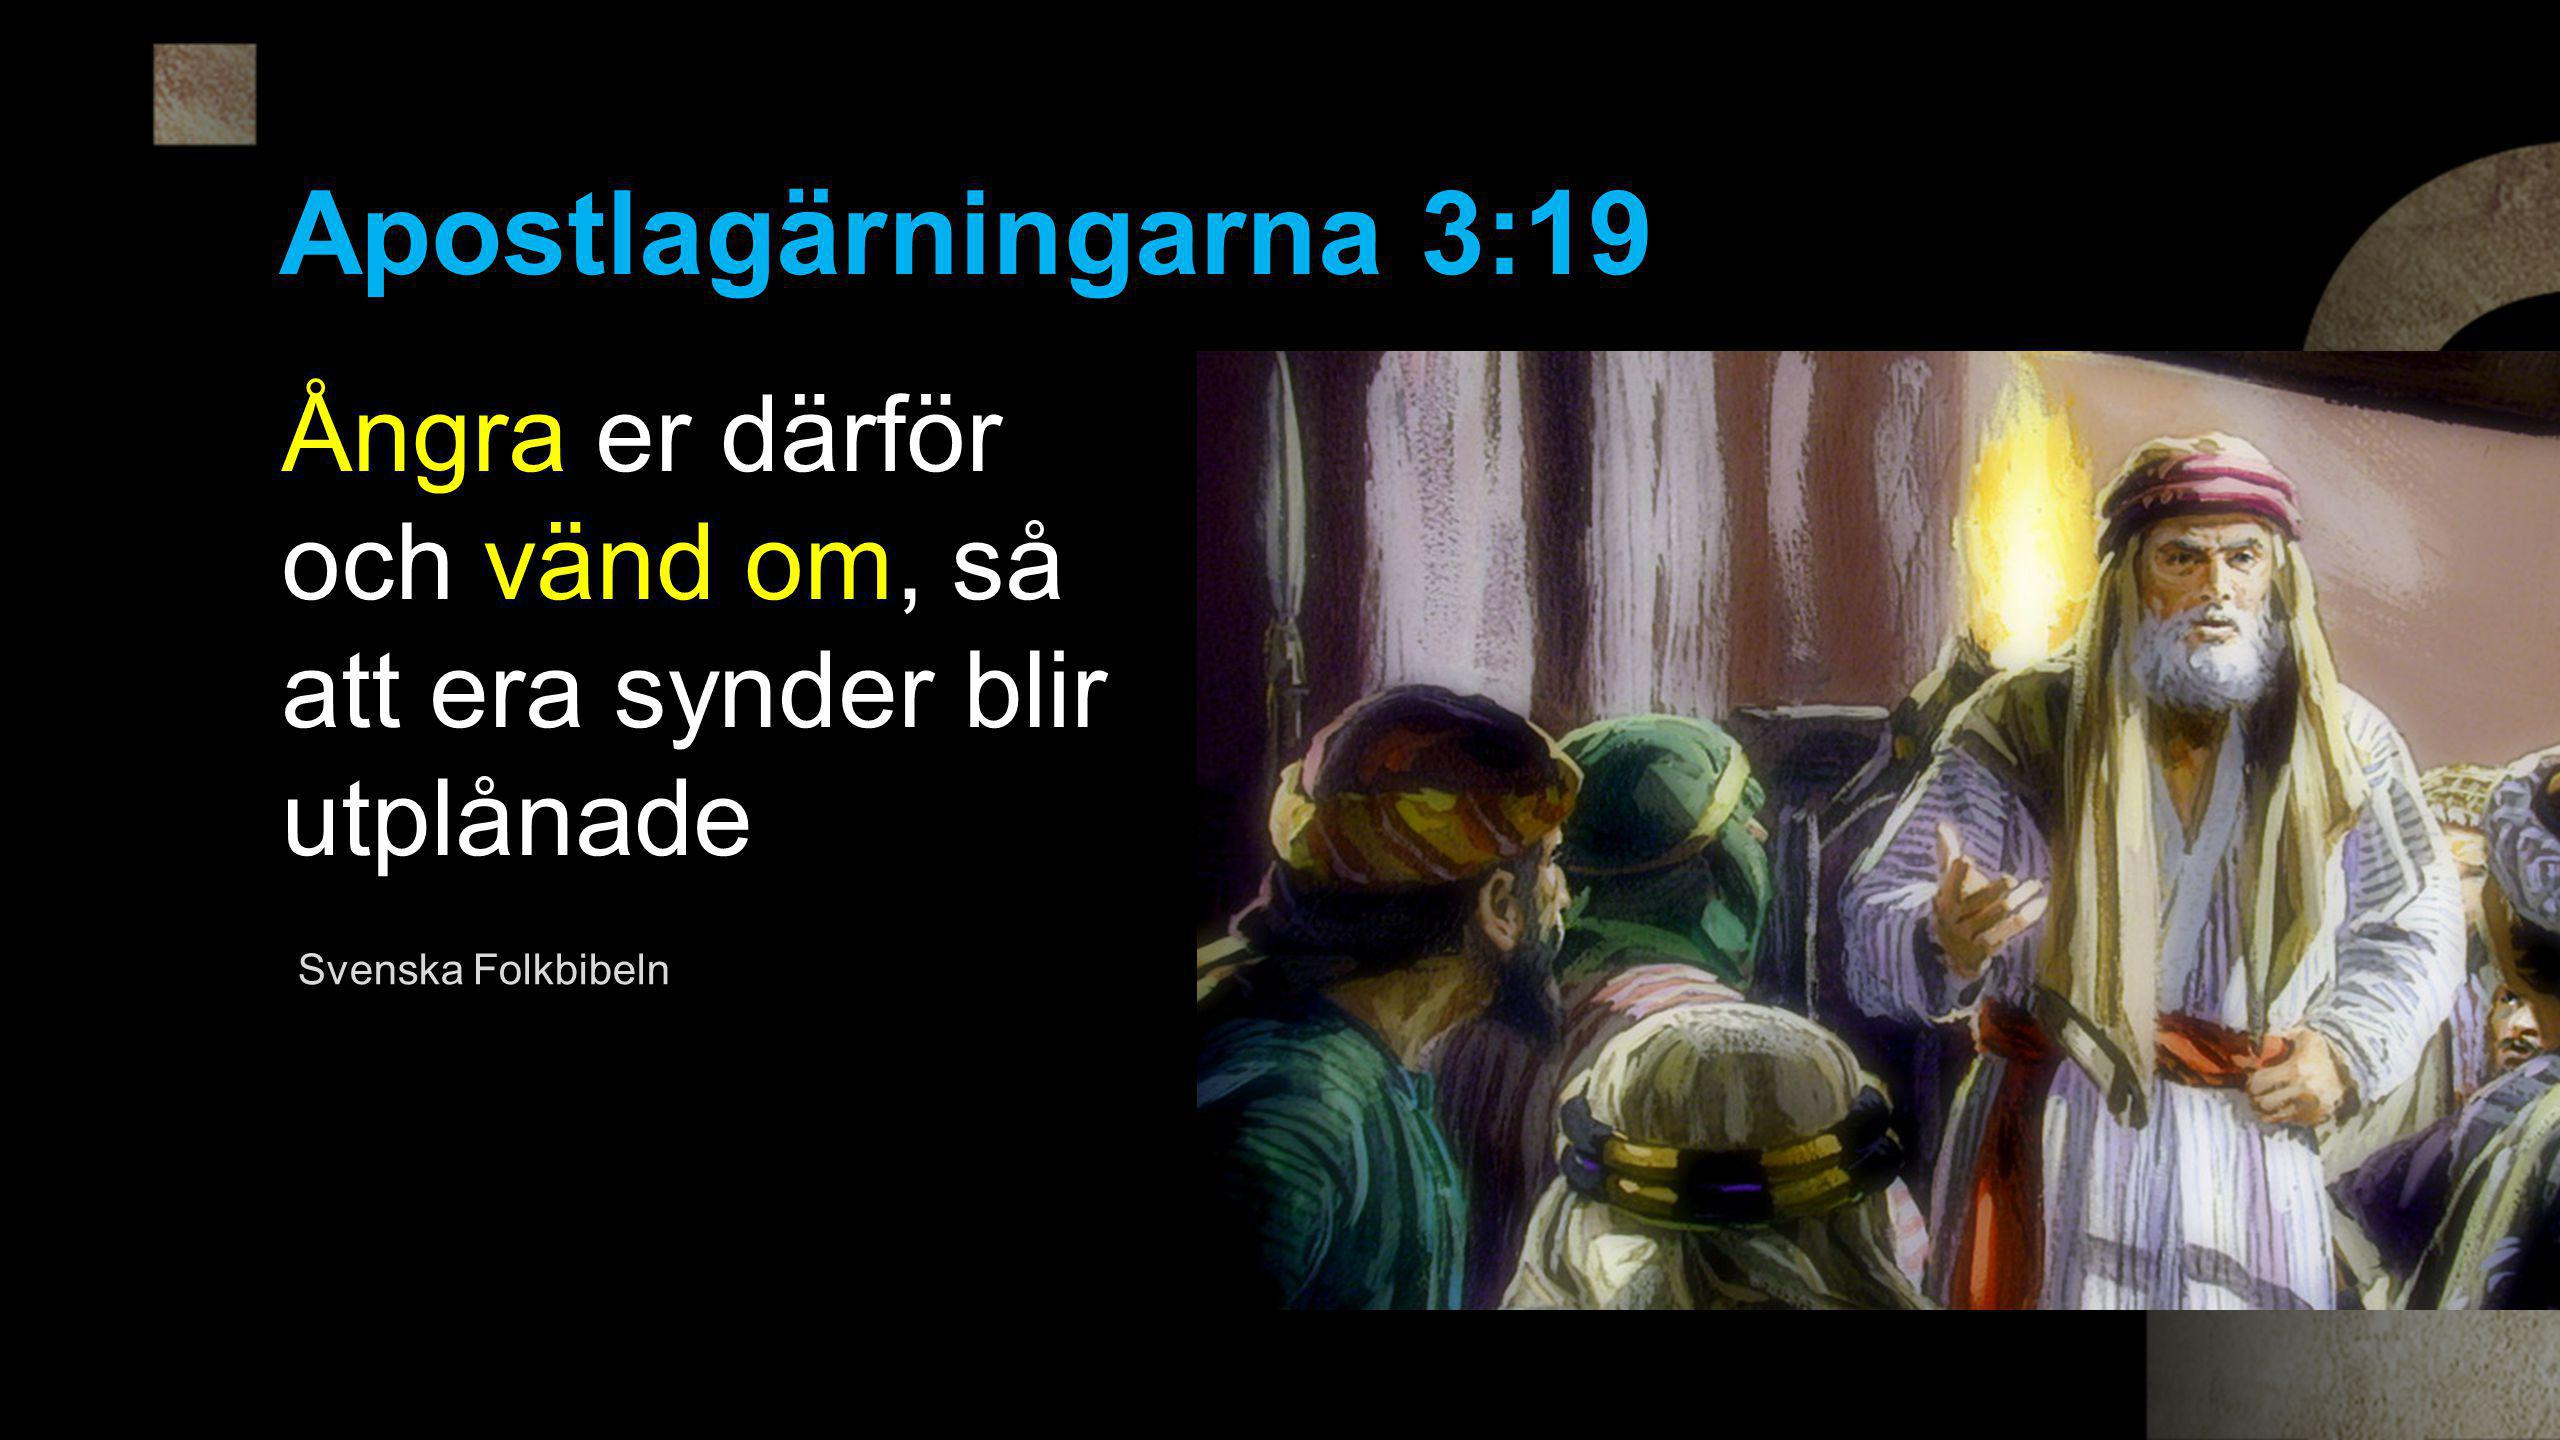 Apostlagärningarna 3:19 Ångra er därför och vänd om, så att era synder blir utplånade.